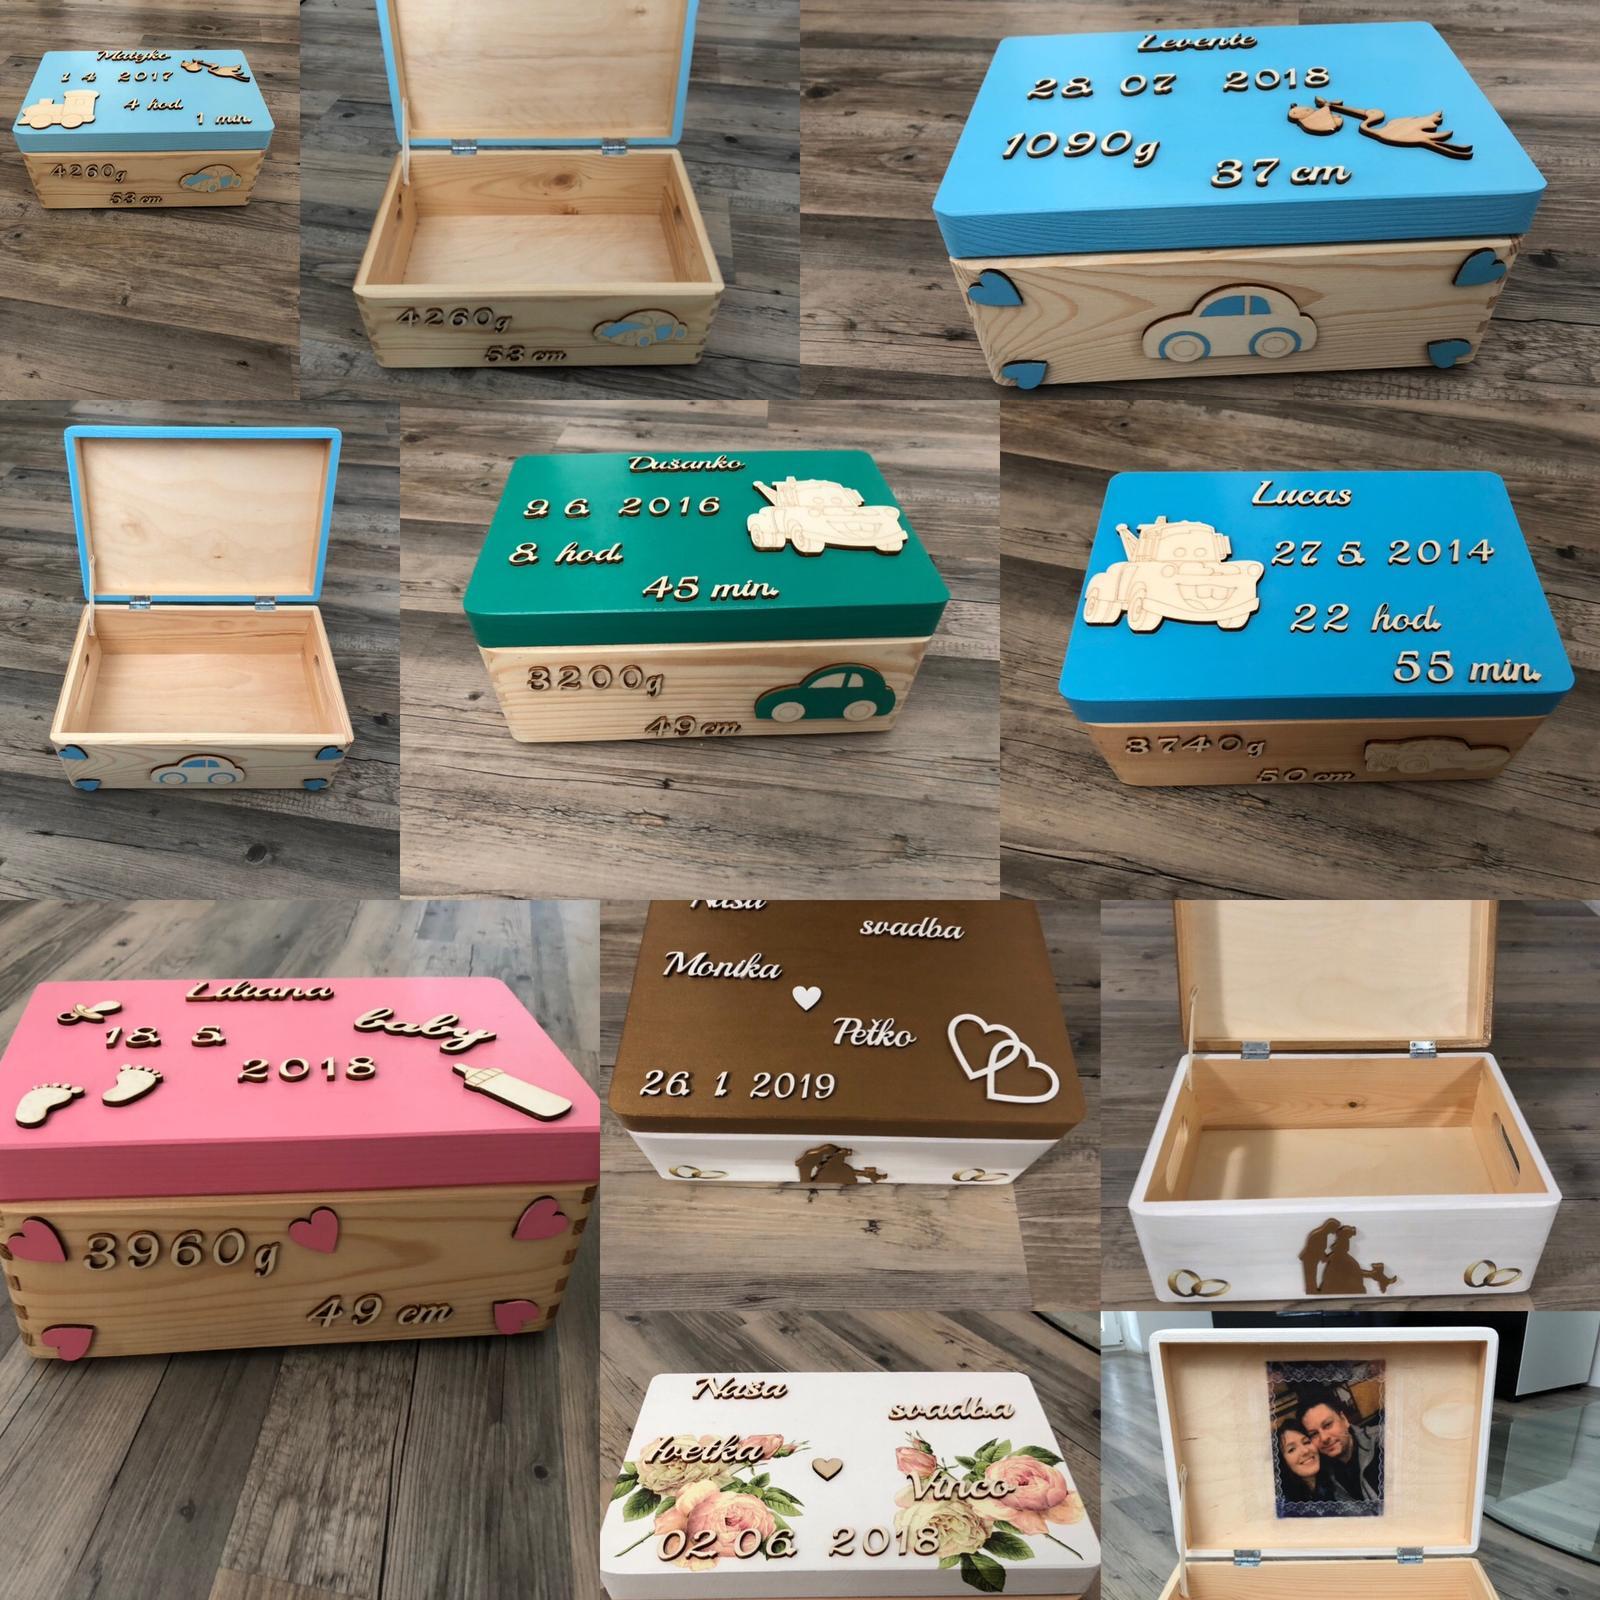 Krabica spomienok - Obrázok č. 2